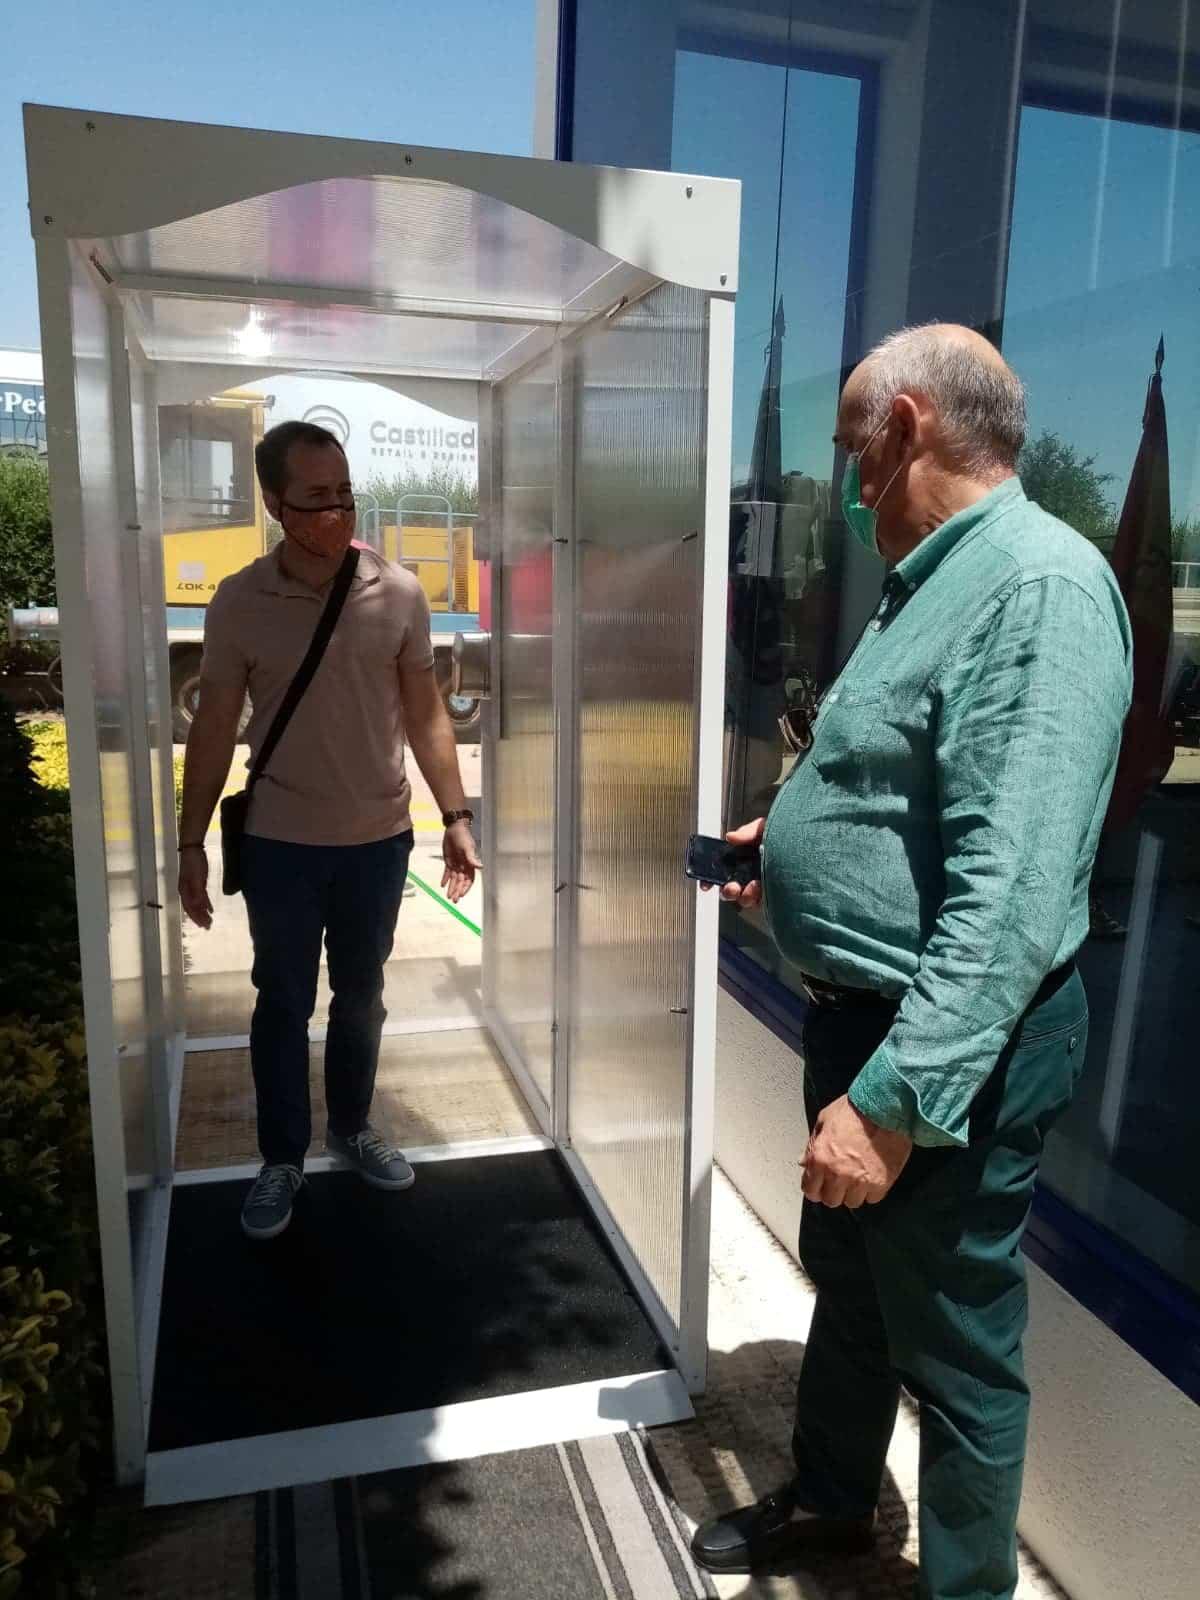 tsd herencia visita alcalde 3 - Visita de Alcalde a las instalaciones de TSD Technology & Security Developments